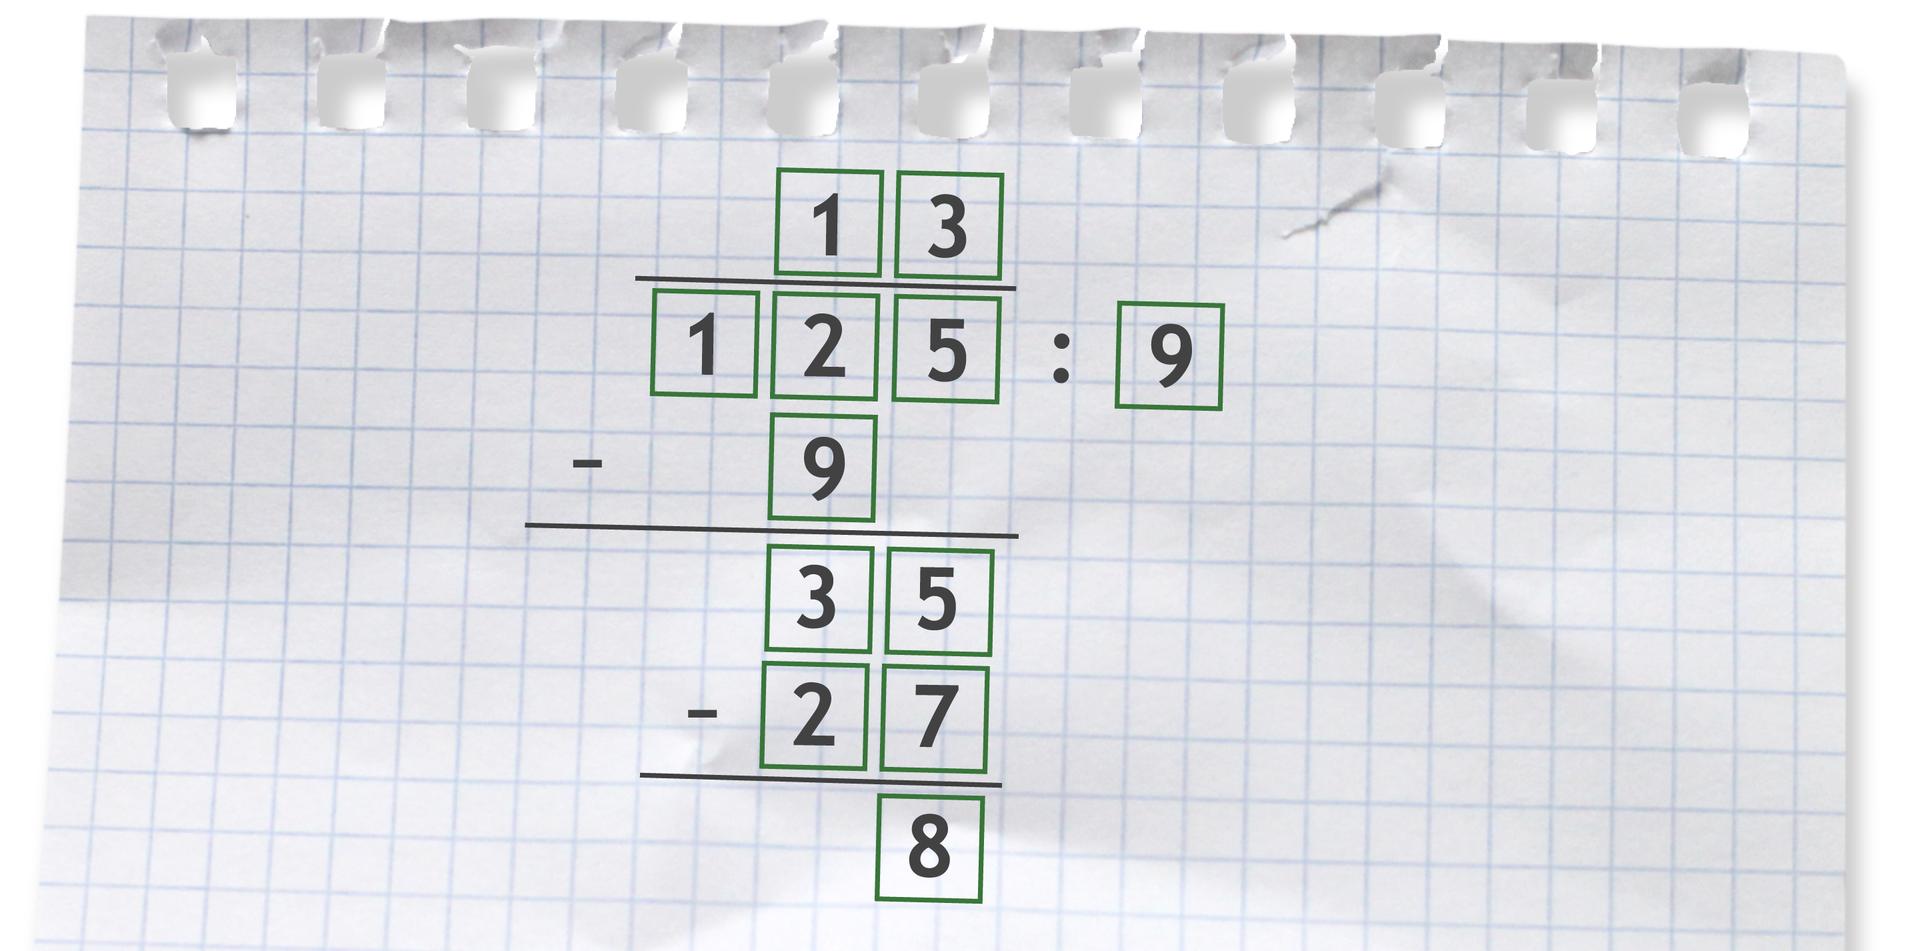 Przykład zapisany sposobem pisemnym: 125 dzielone przez 9 =13 r8.